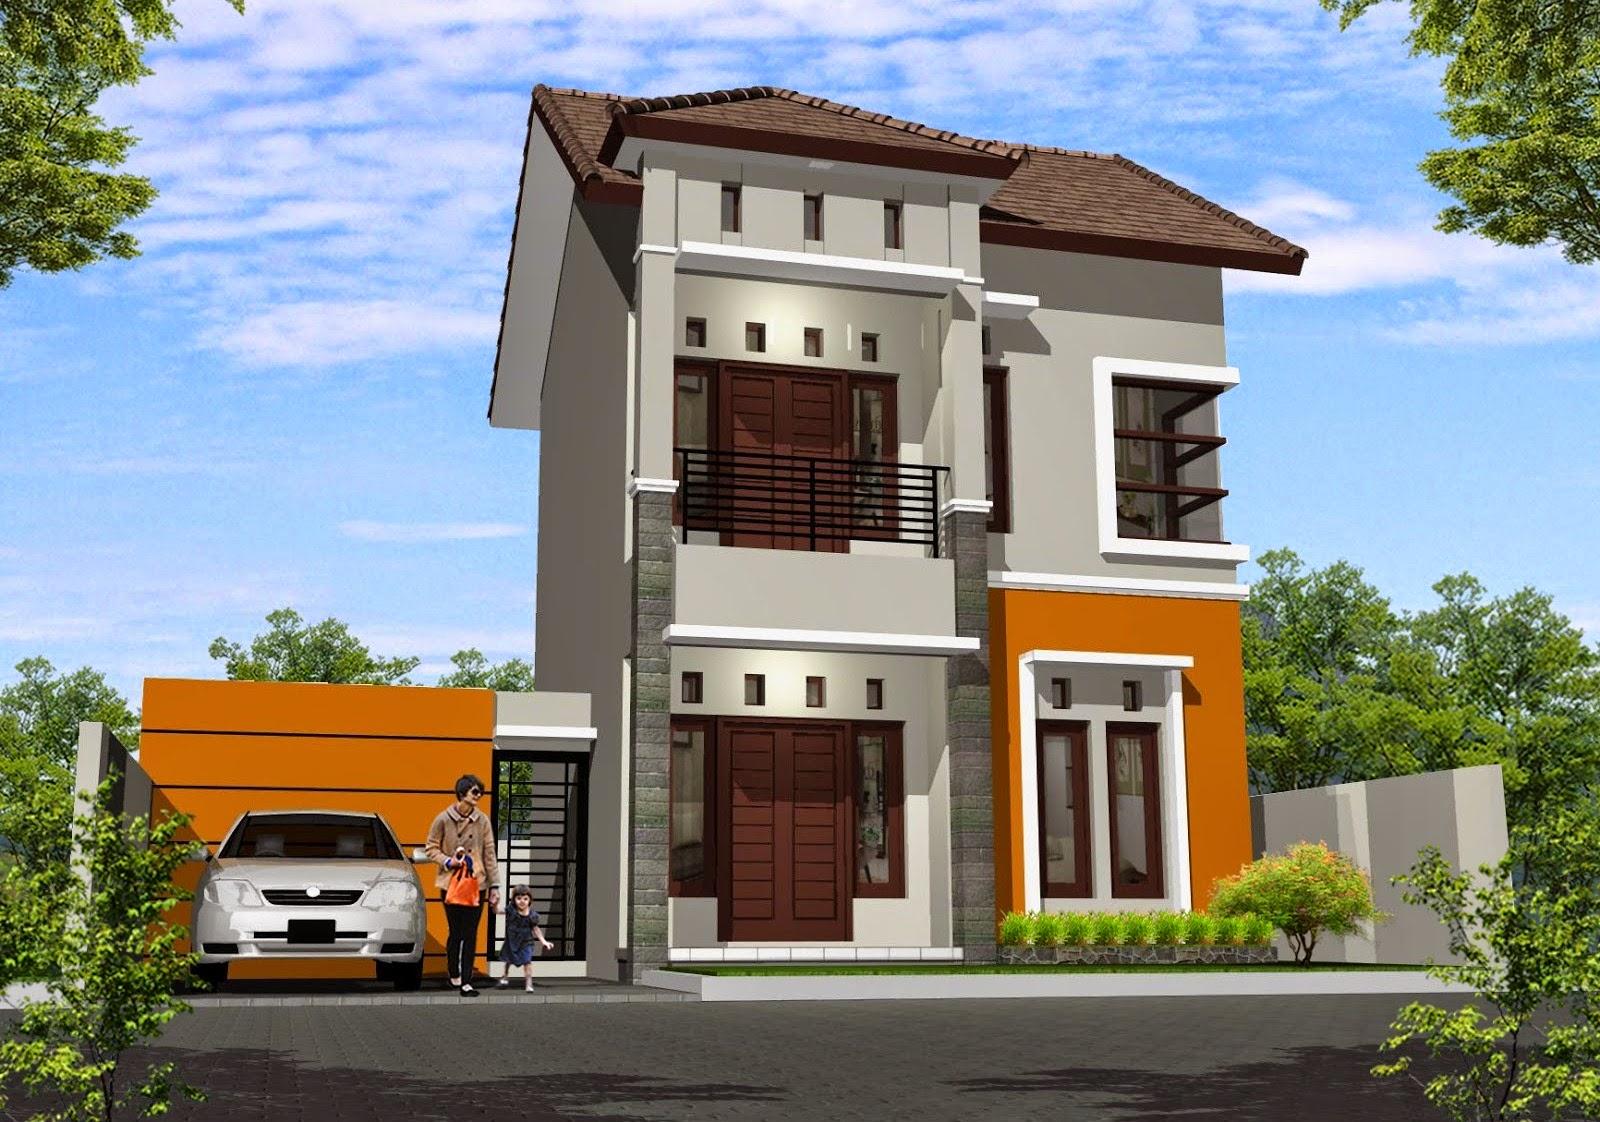 desain rumah minimalis 2 lantai, contoh rumah minimalis 2 lantai